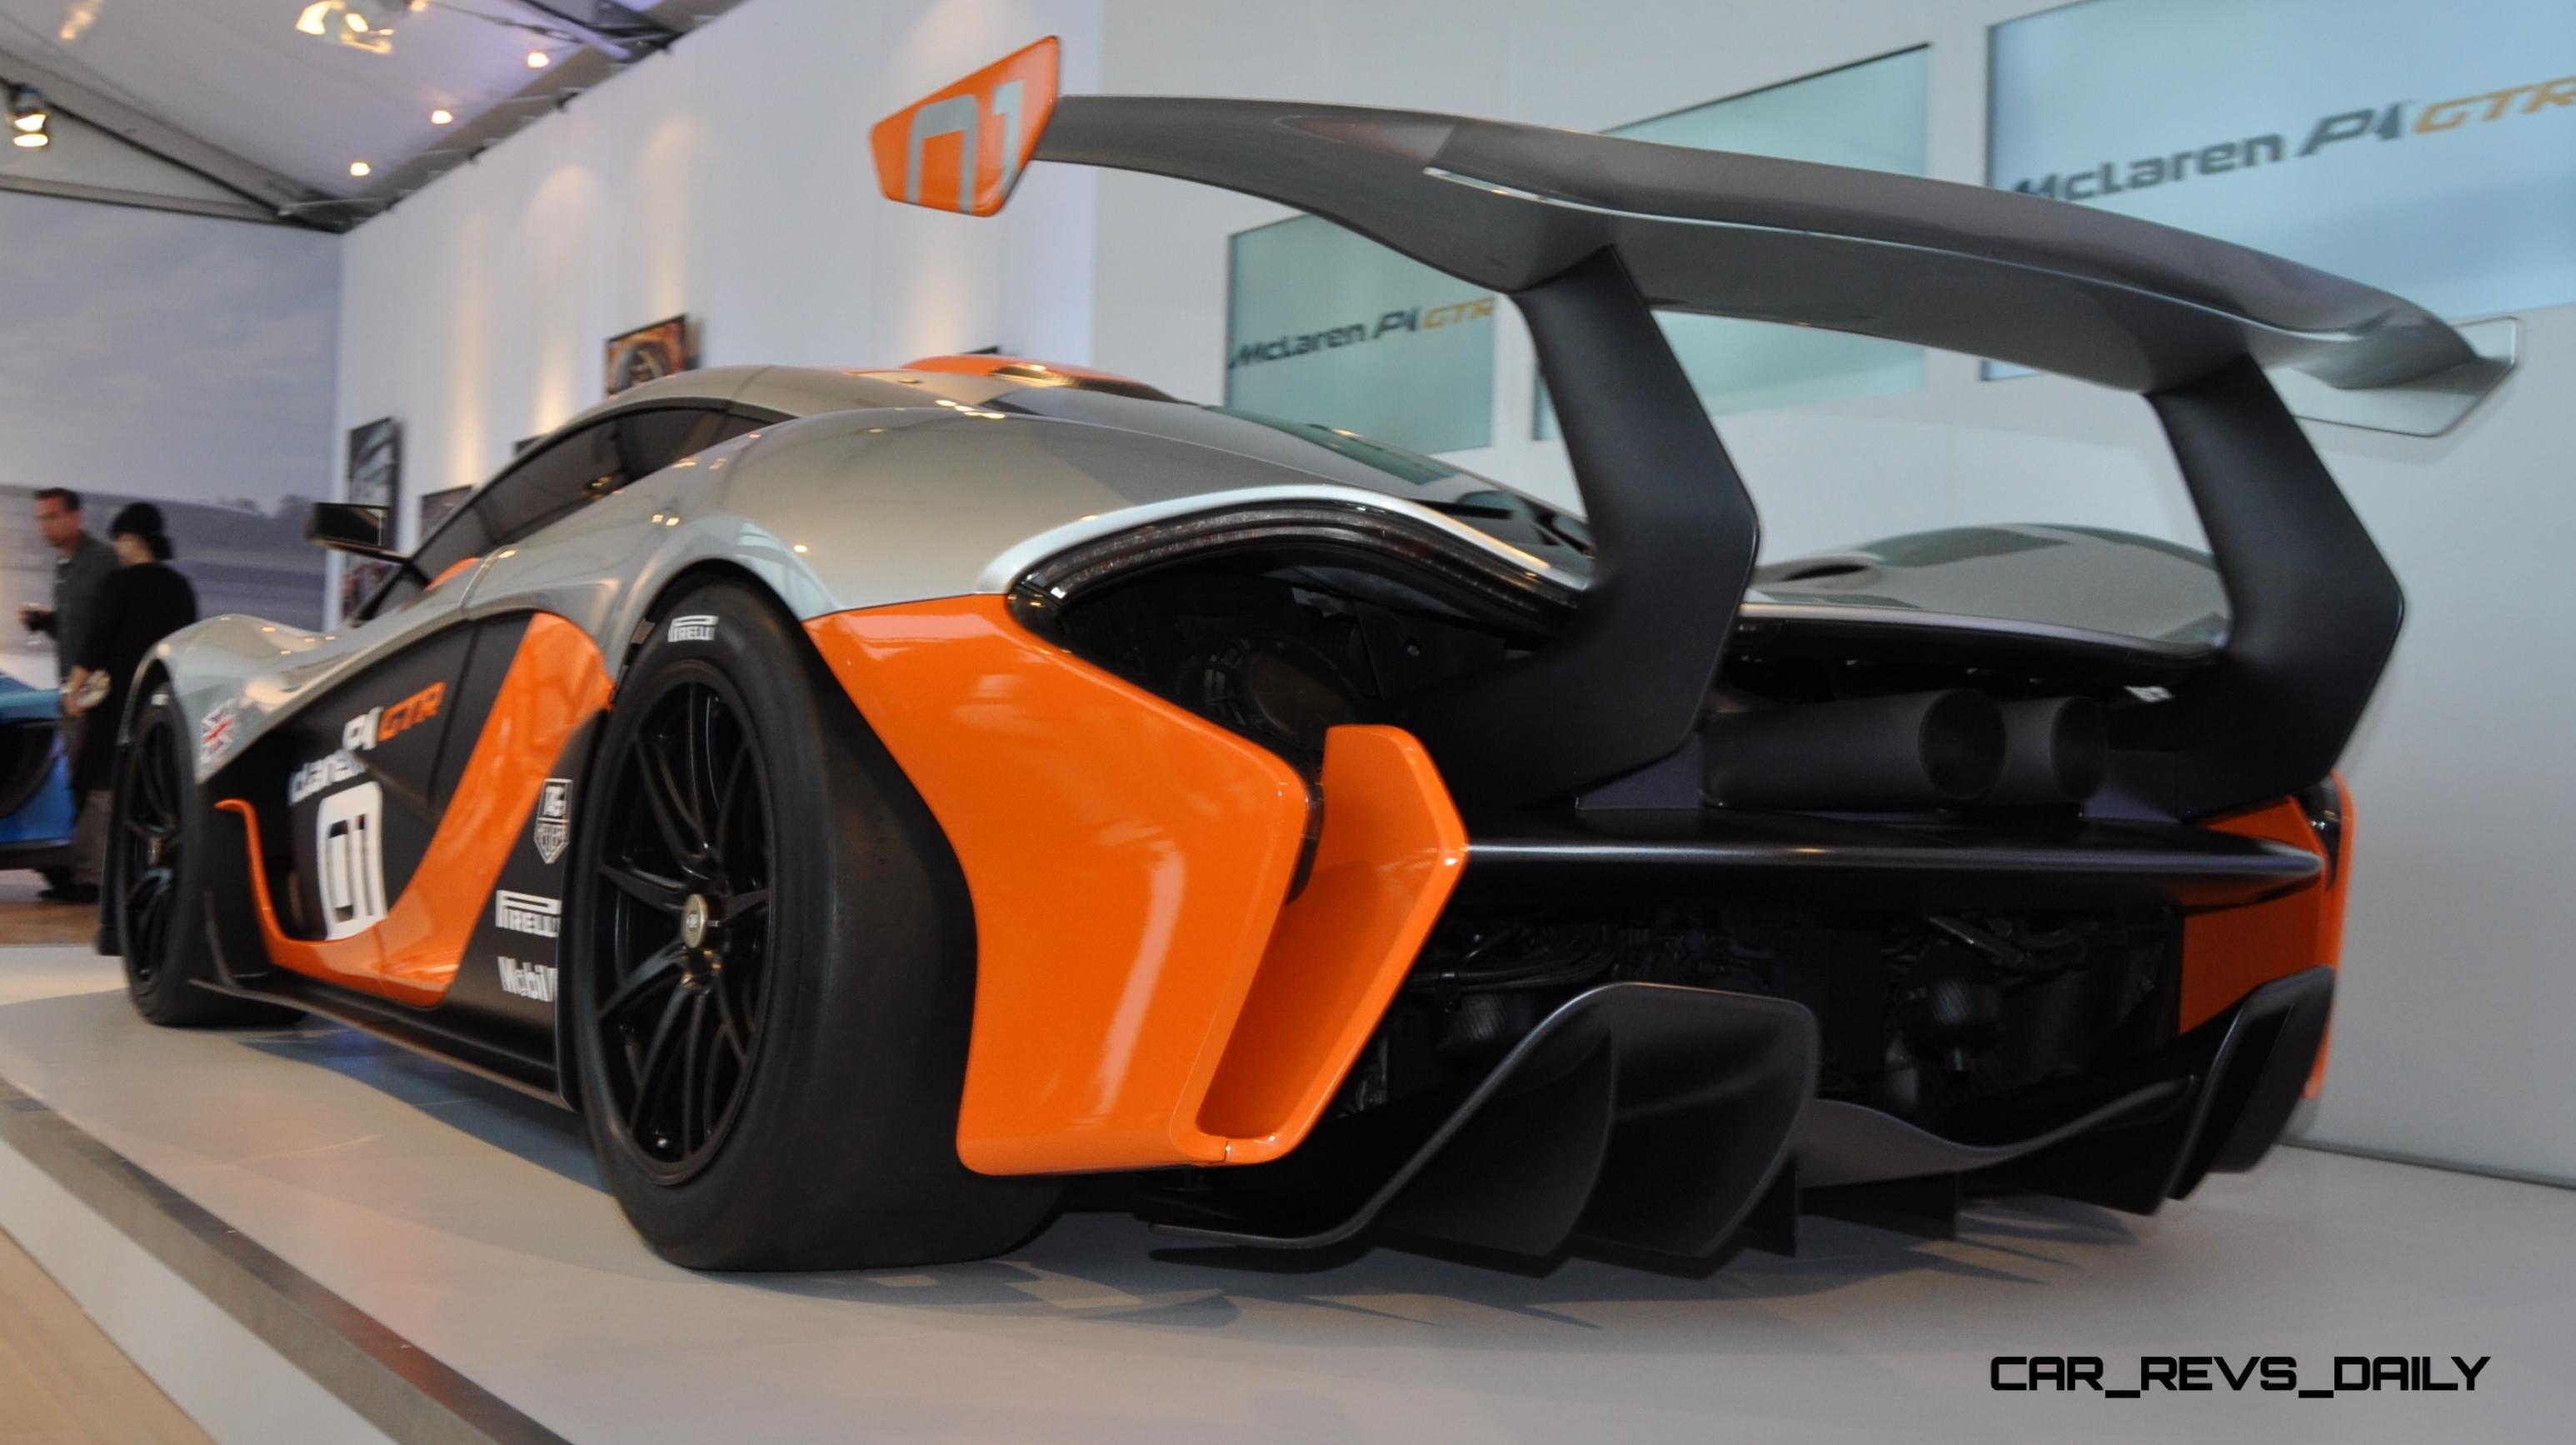 2015 McLaren P1 GTR - Pebble Beach World Debut in 55 High-Res Photos 46